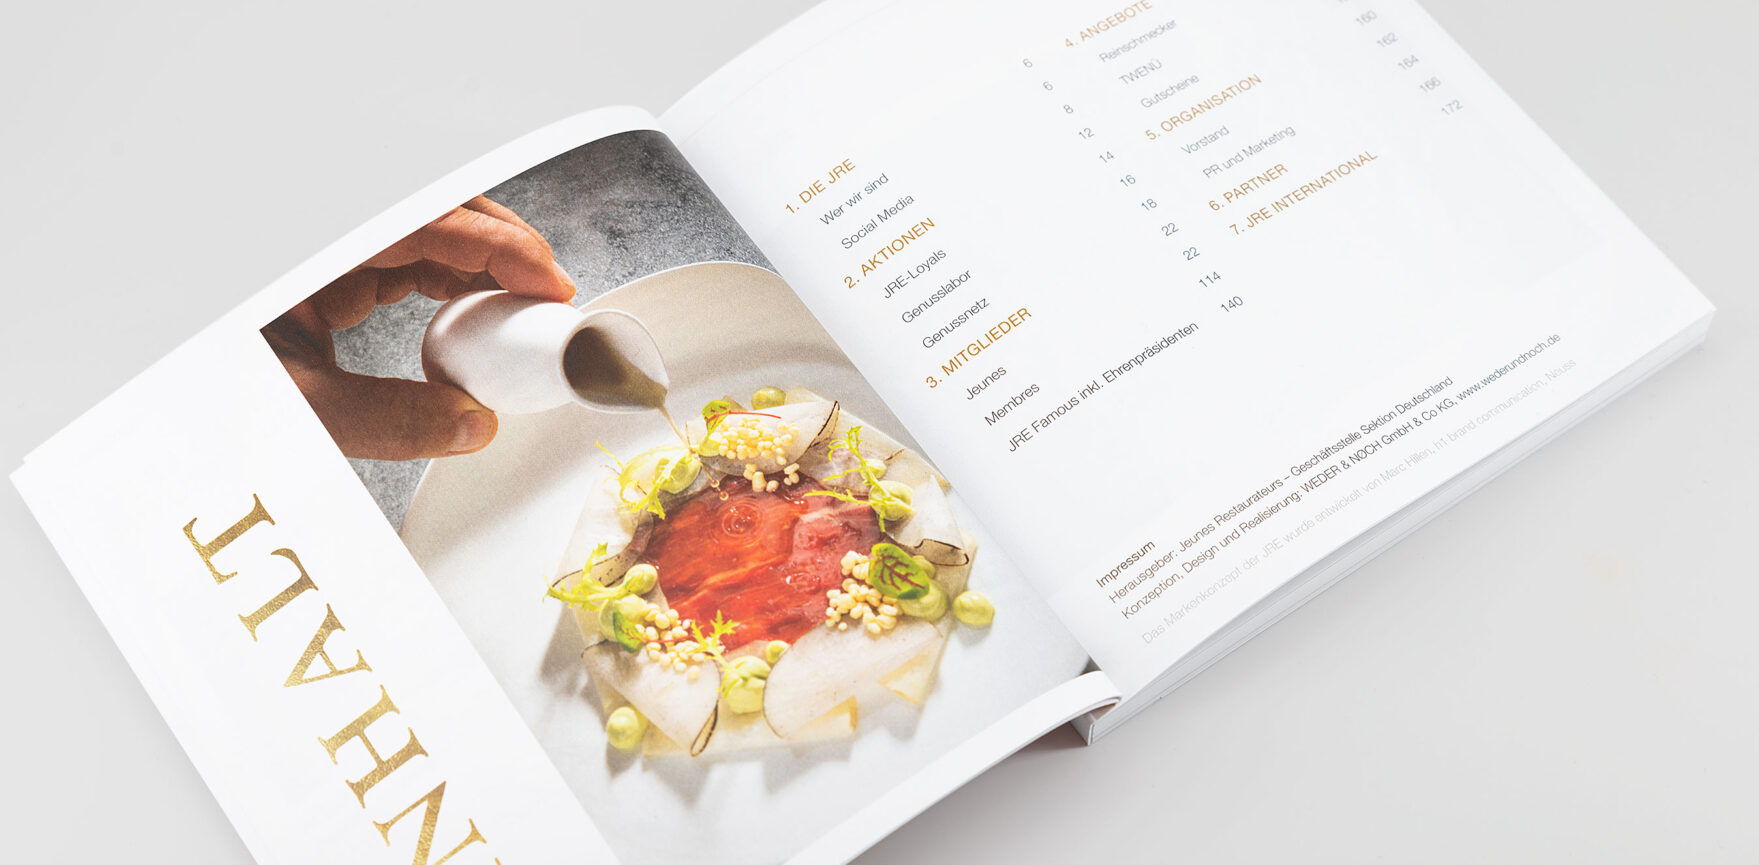 JRE Hotel- und Restaurantführer 2021 Inhaltsverzeichnis